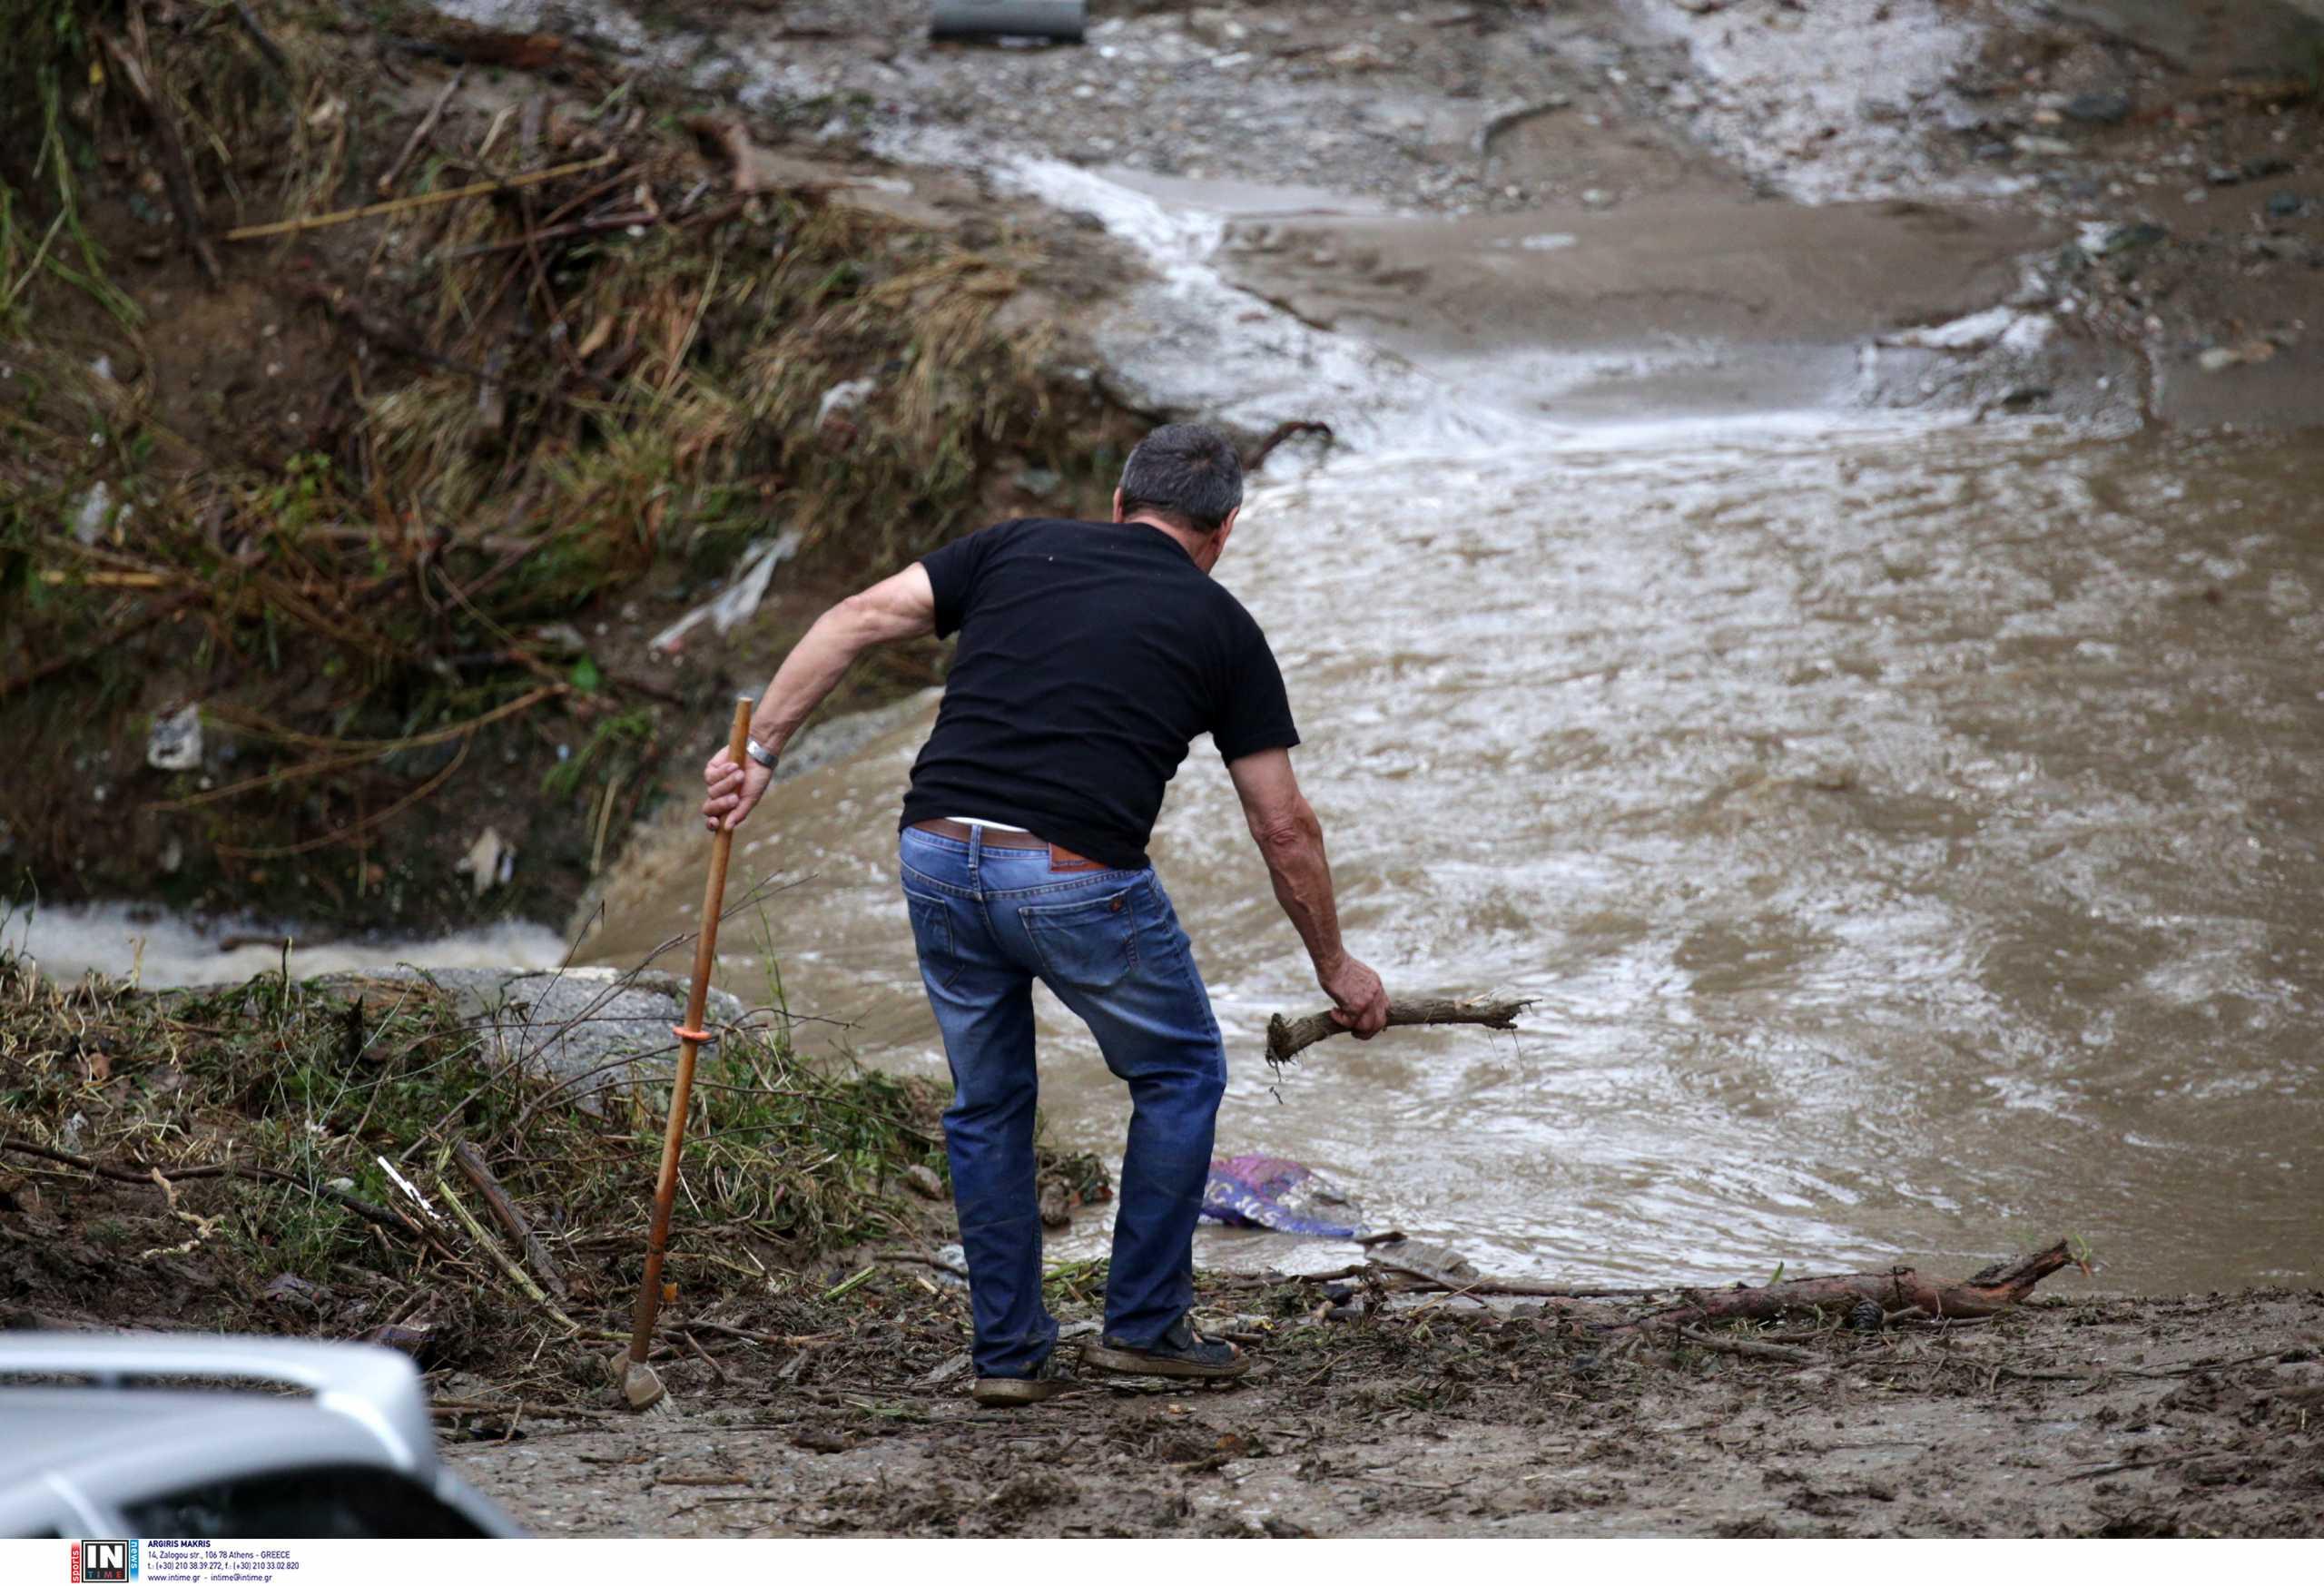 Θεσσαλονίκη: «Το ποταμάκι έγινε χείμαρρος» – Έτσι παρασύρθηκε και πέθανε ο 26χρονος στην Πολίχνη